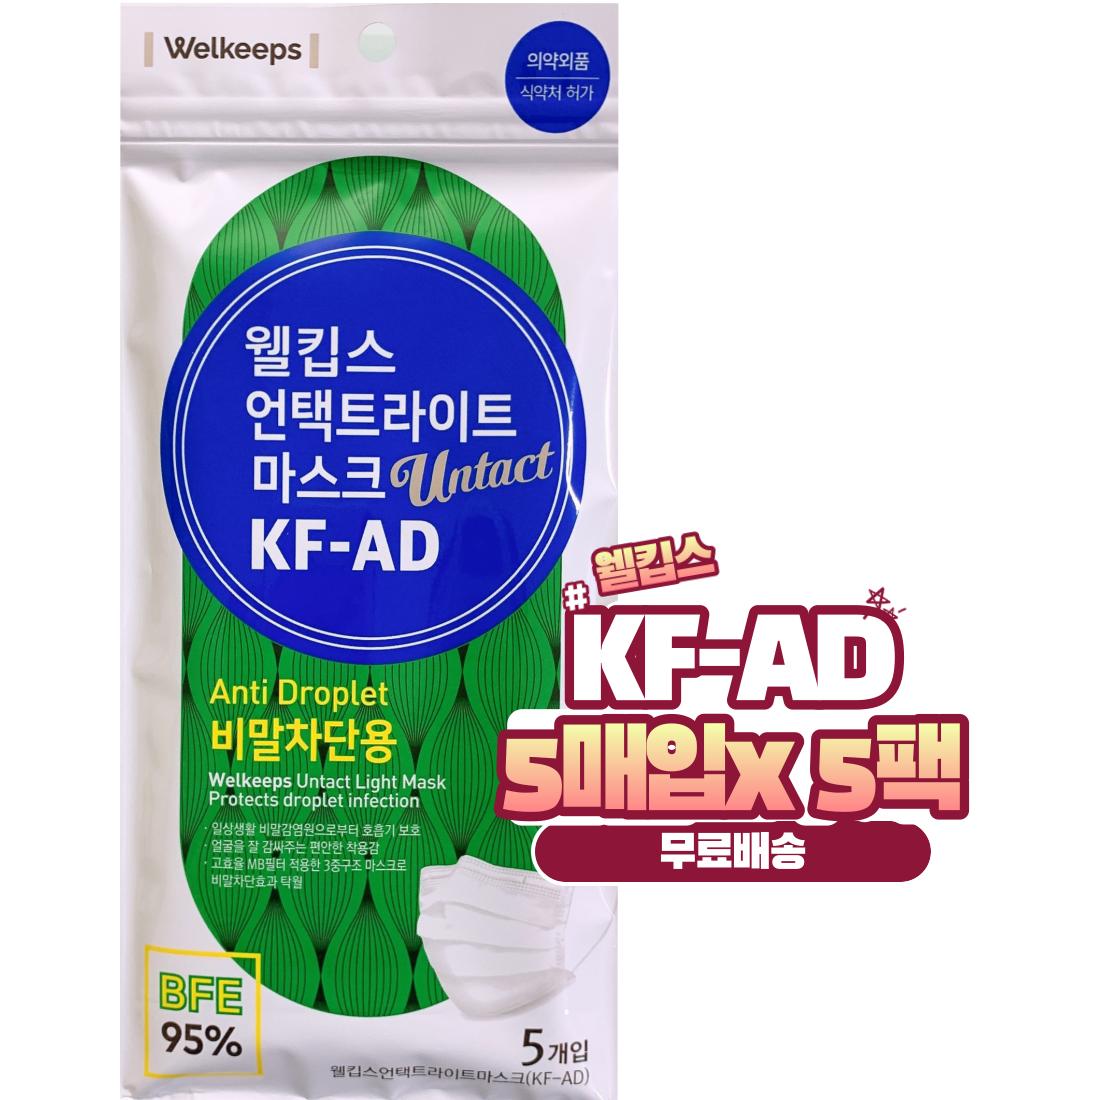 웰킵스 언택트라이트 마스크 KF-AD 비말차단용 5매입, 5매입, 5팩